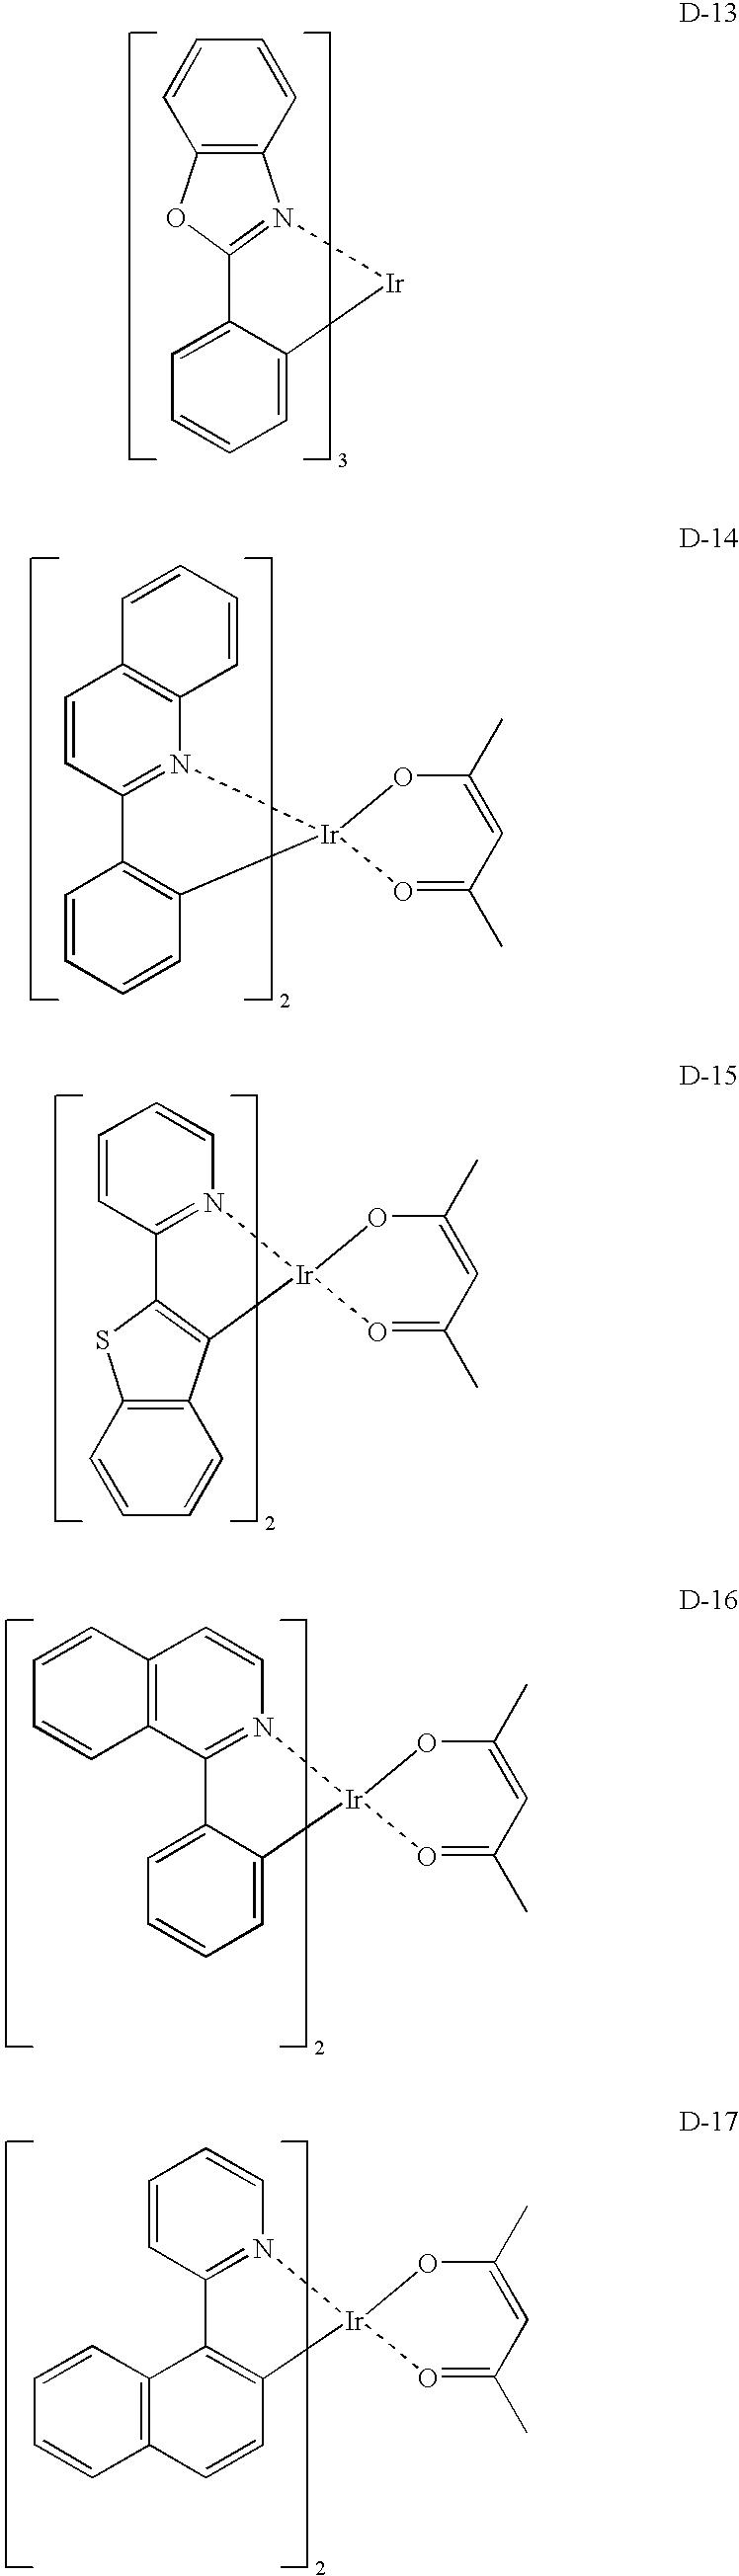 Figure US20100225229A1-20100909-C00003